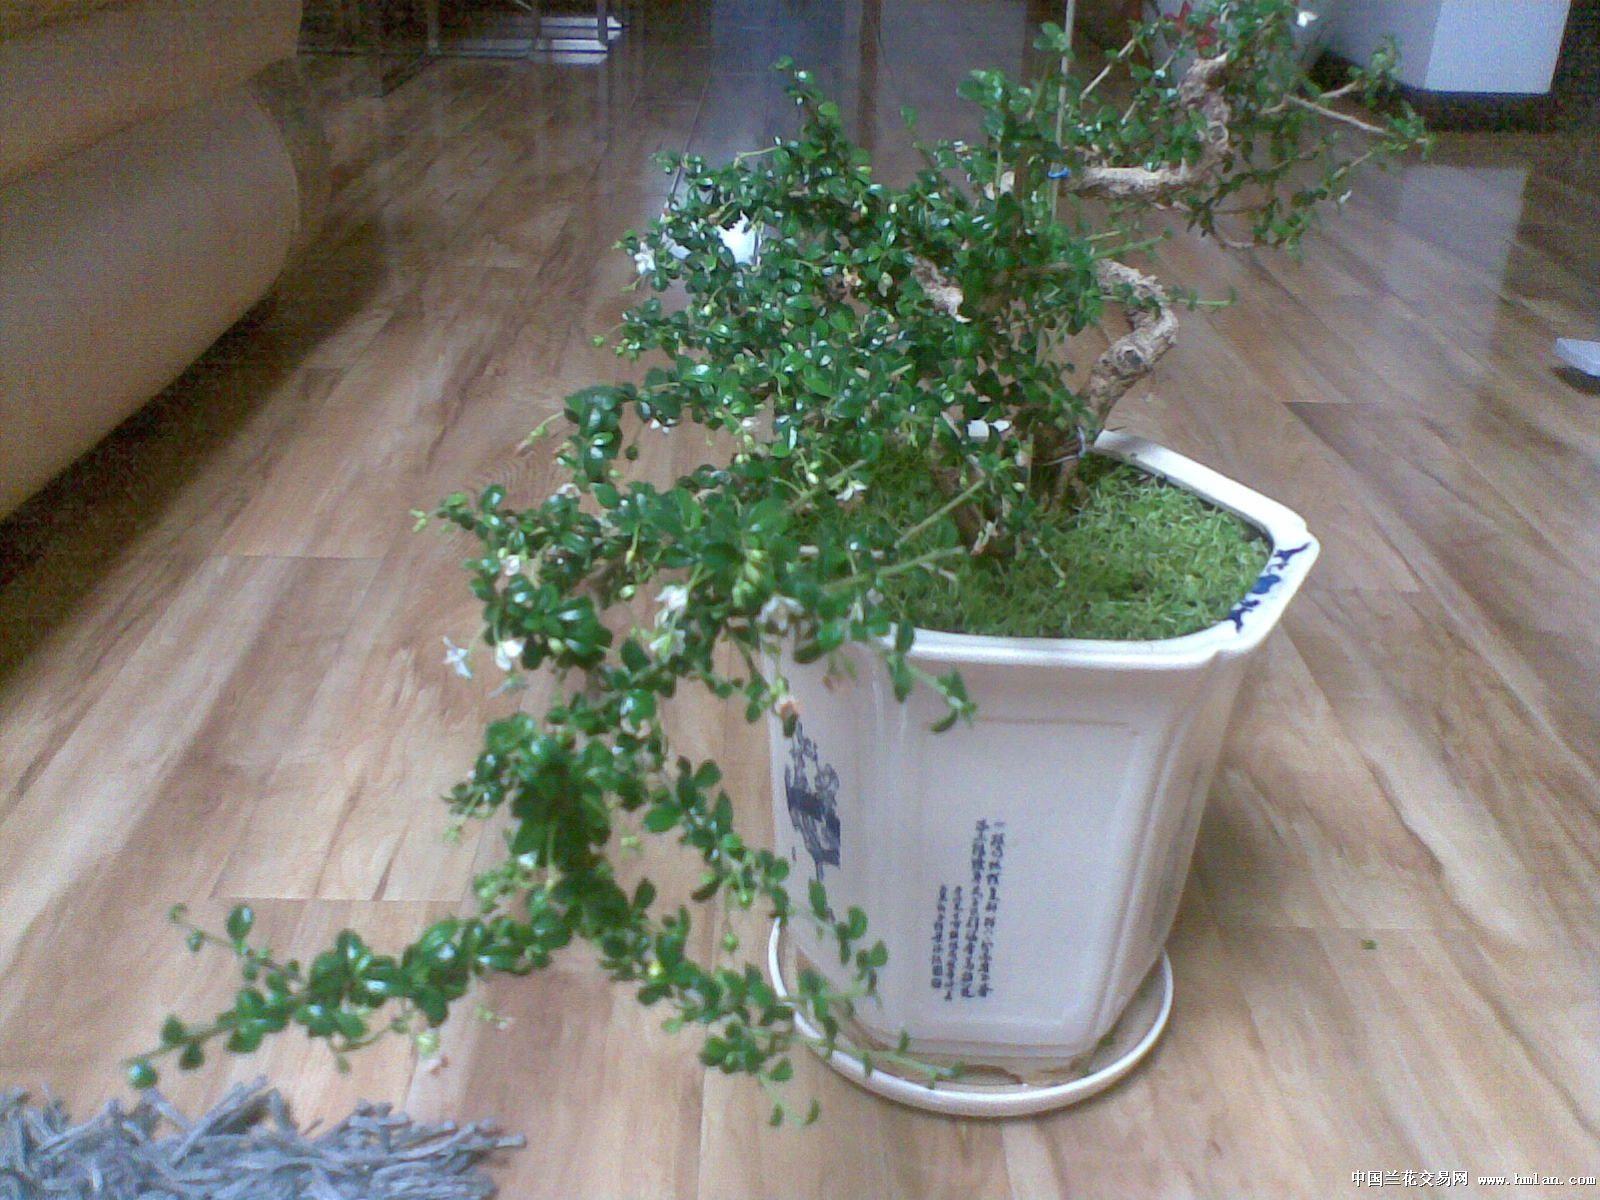 我家的小叶福建茶-盆景园艺-中国兰花交易网社